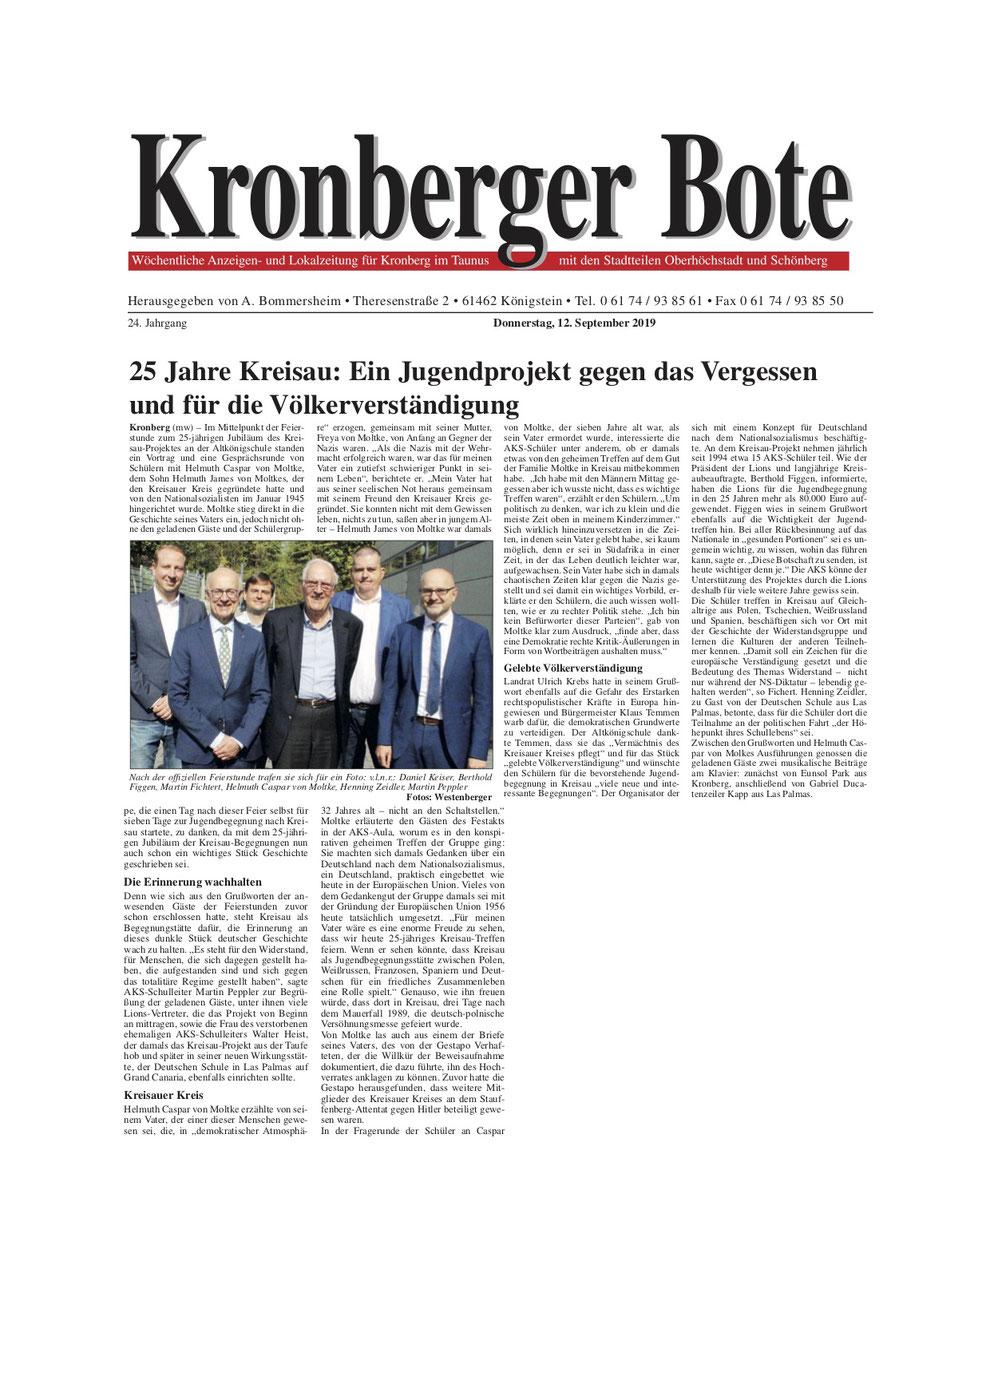 Kronberger Bote Artikel 25 Jahre Kreisau: Ein Jugendprojekt gegen das Vergessen und für die Völkerverständigung - Lions Kronberg